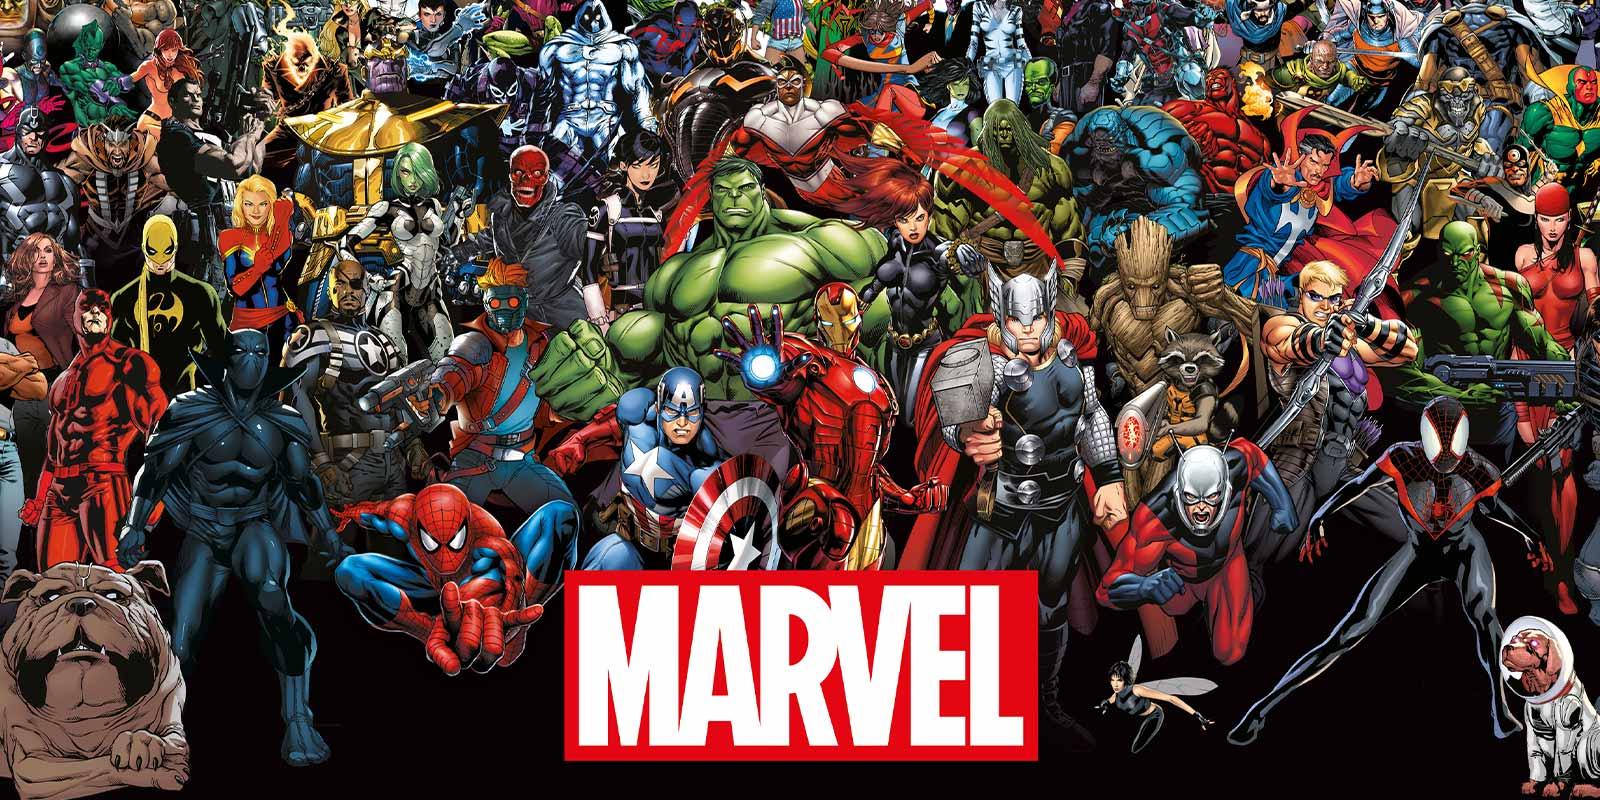 MARVEL-header-marvel-figures-premium-modern-art